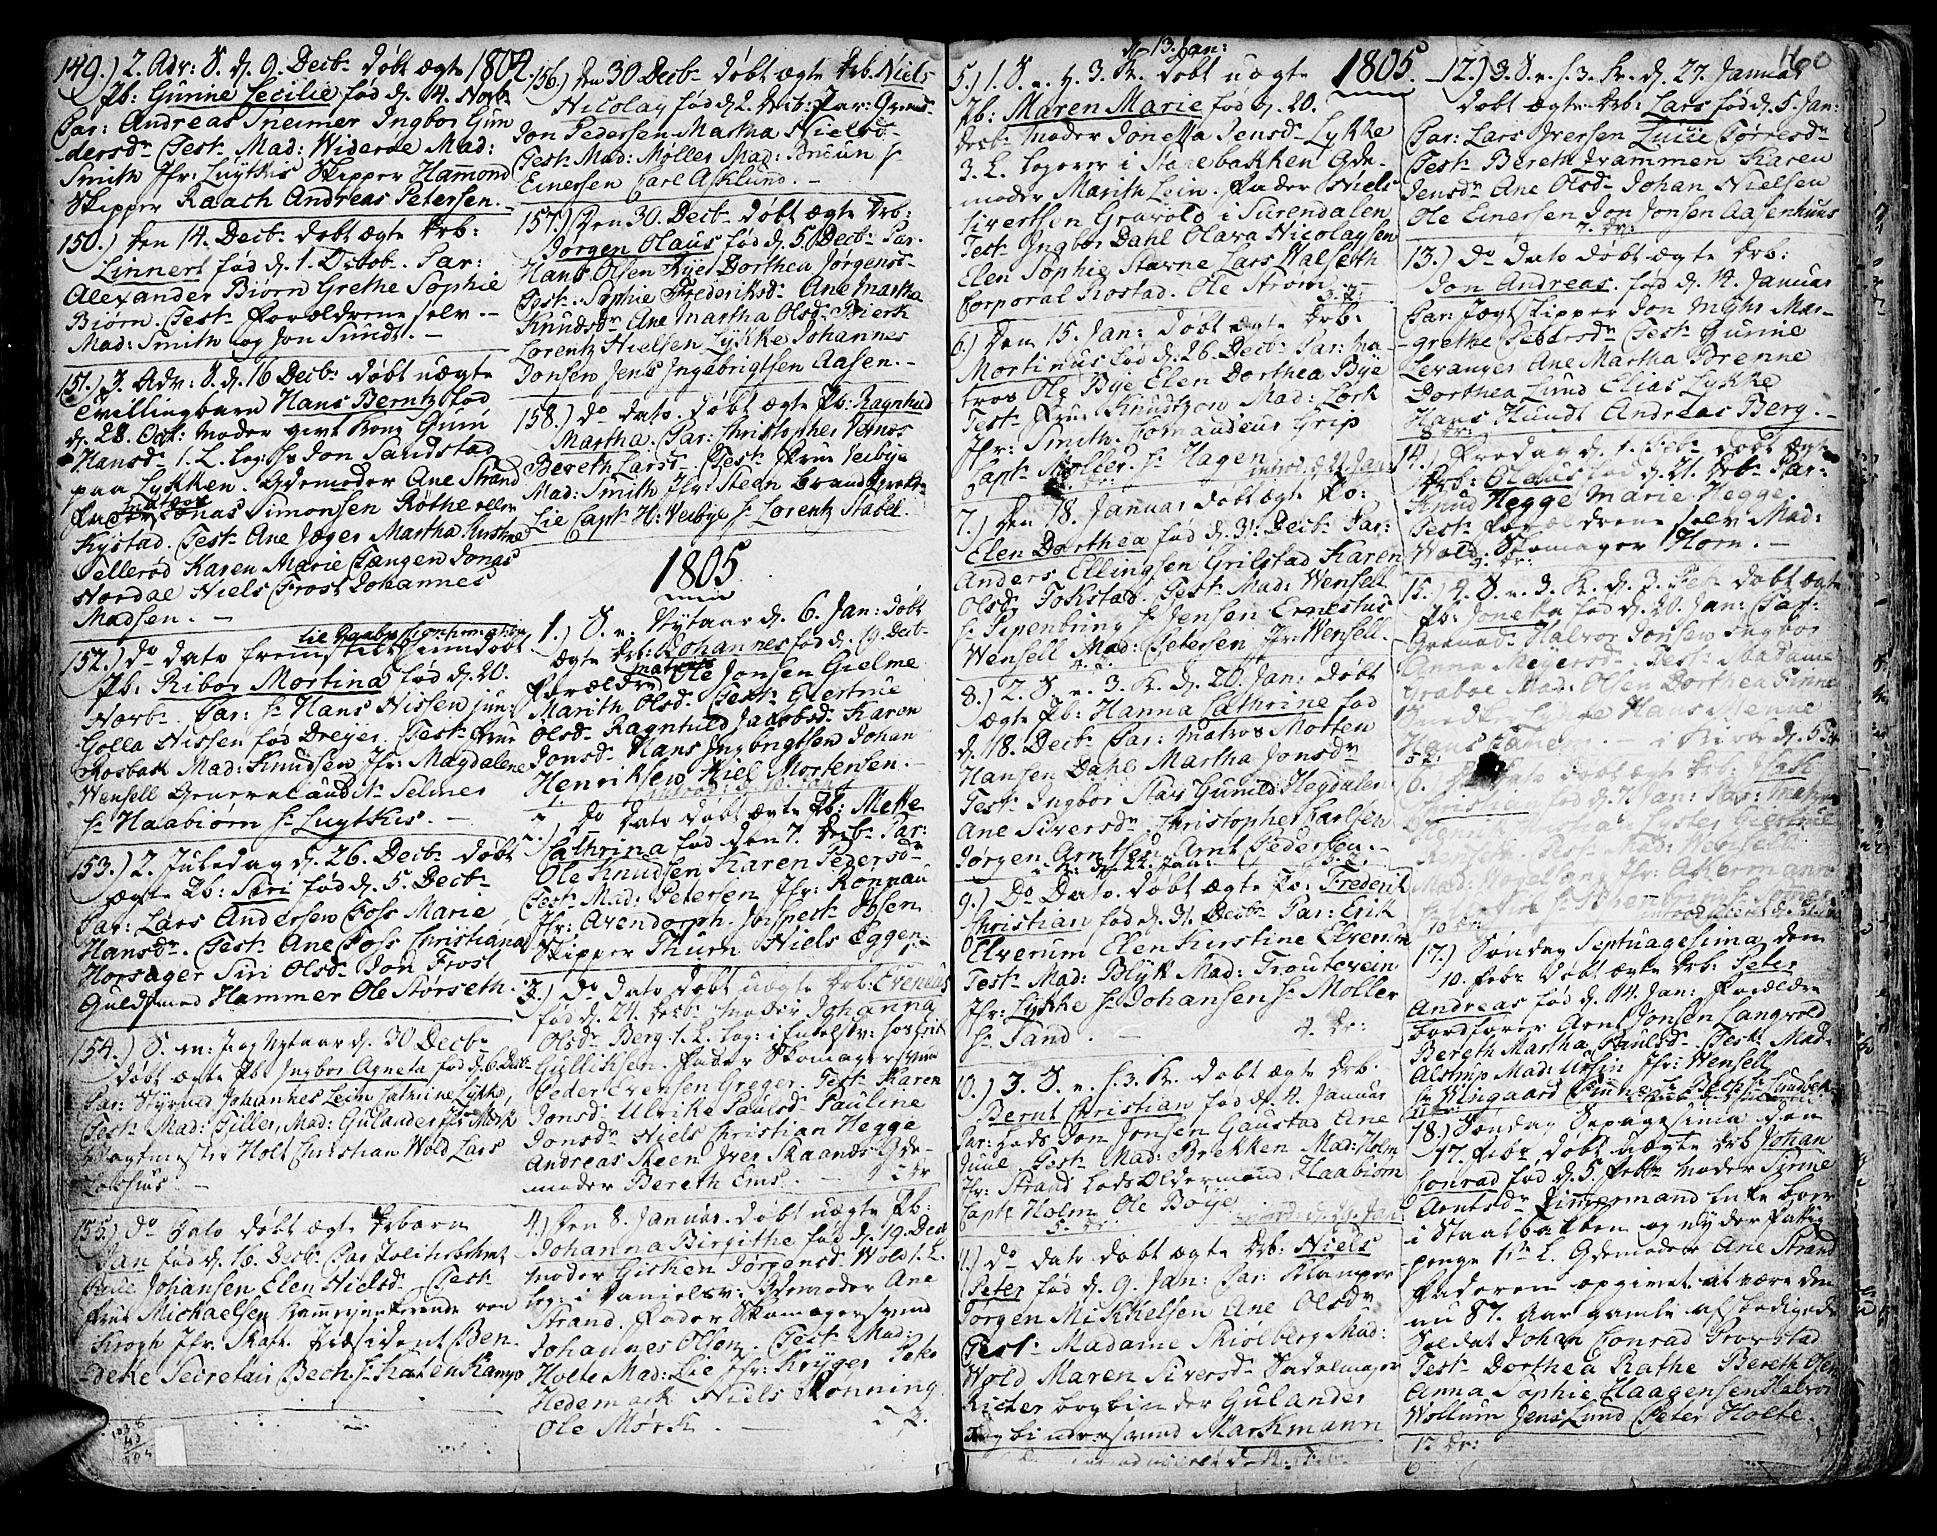 SAT, Ministerialprotokoller, klokkerbøker og fødselsregistre - Sør-Trøndelag, 601/L0039: Ministerialbok nr. 601A07, 1770-1819, s. 160